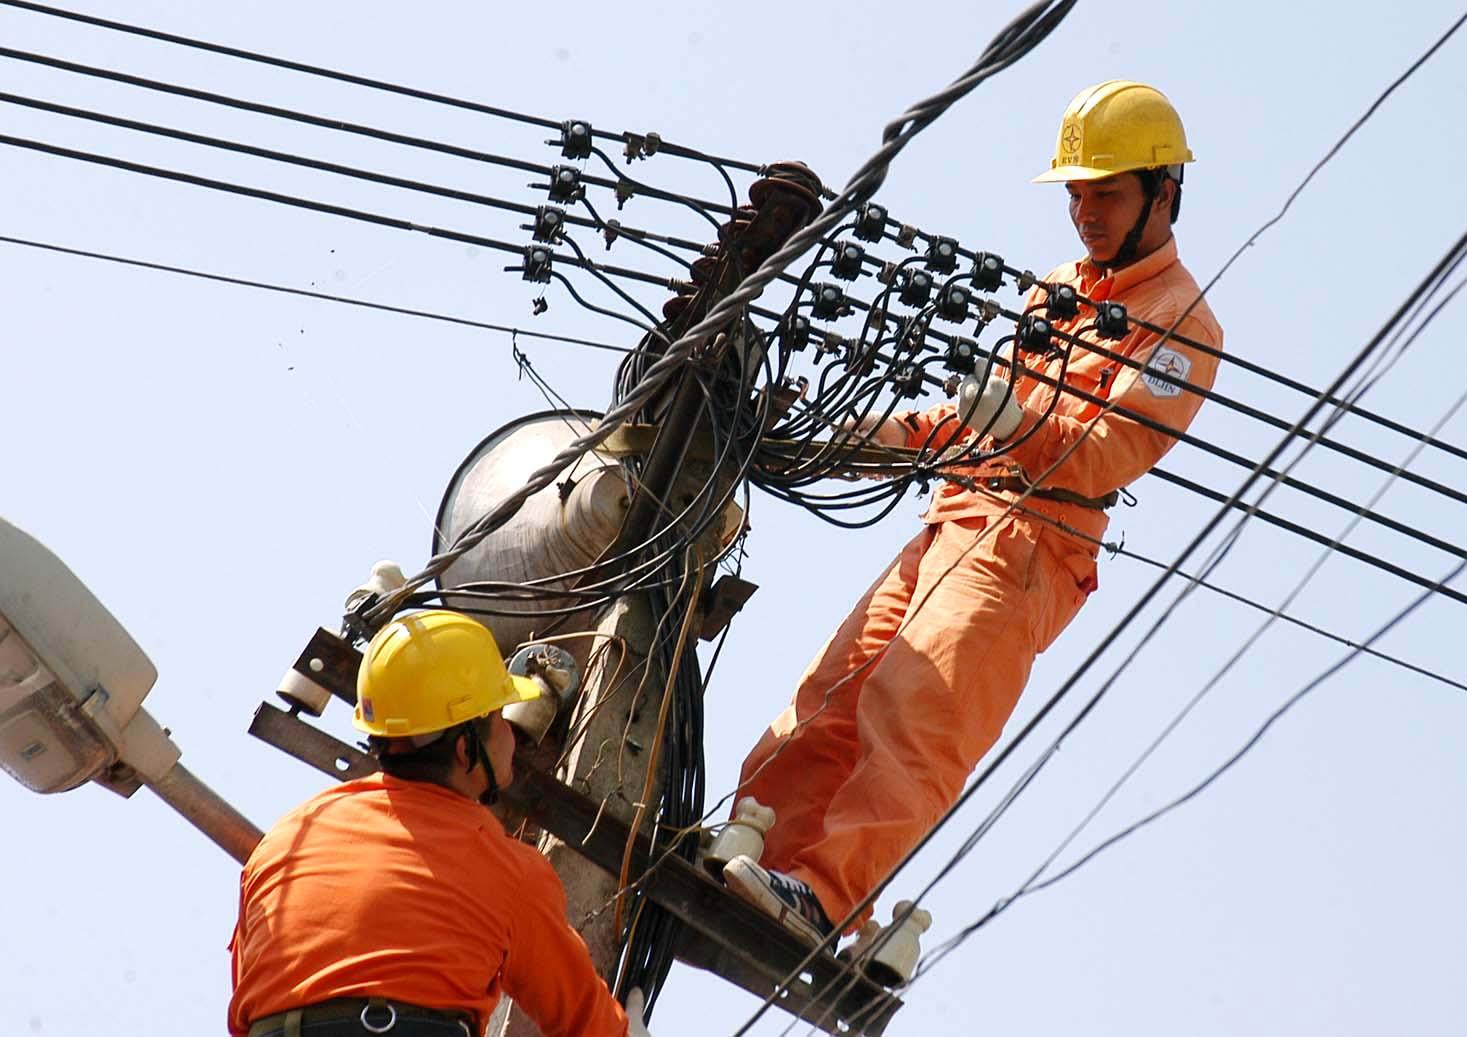 Chỉ đạo của Thủ tướng Chính phủ đối với ngành điện lực